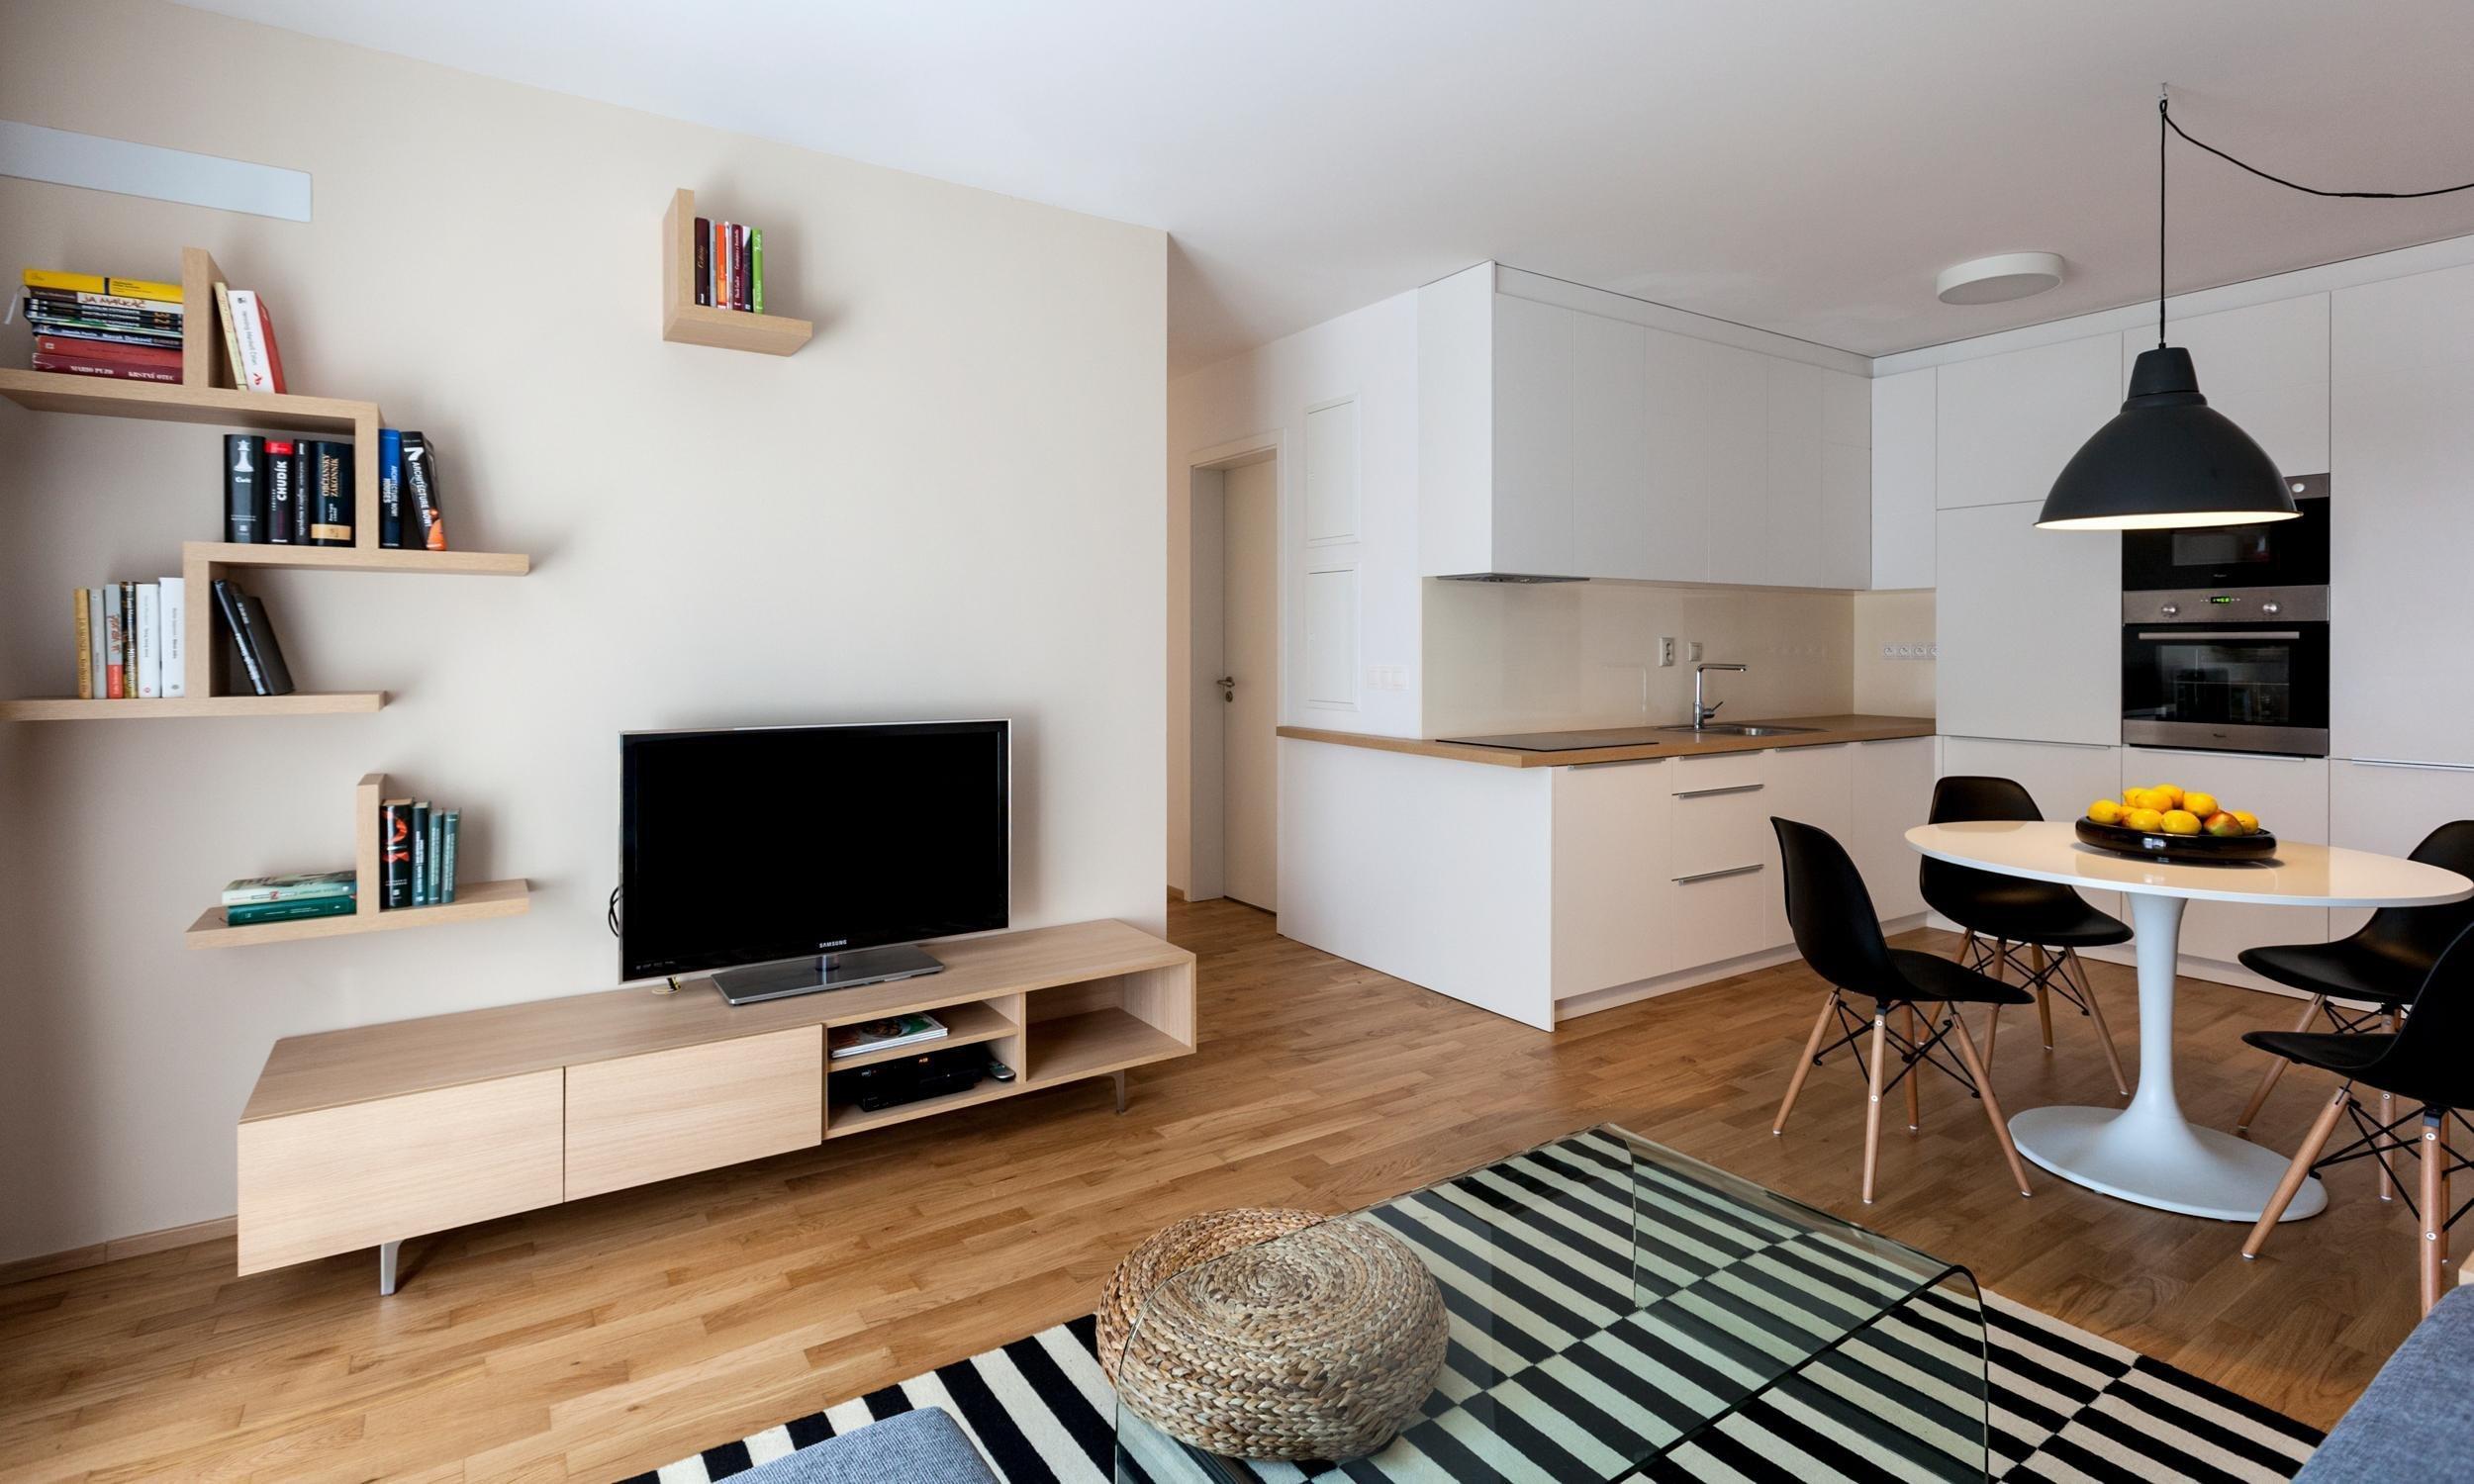 Jemný interiér malého bytu s nádechem romantiky jsme navrhli pro mladý pár, kterému splnil představy o bydlení. Teplé zemité barvy a správná kombinace typového…